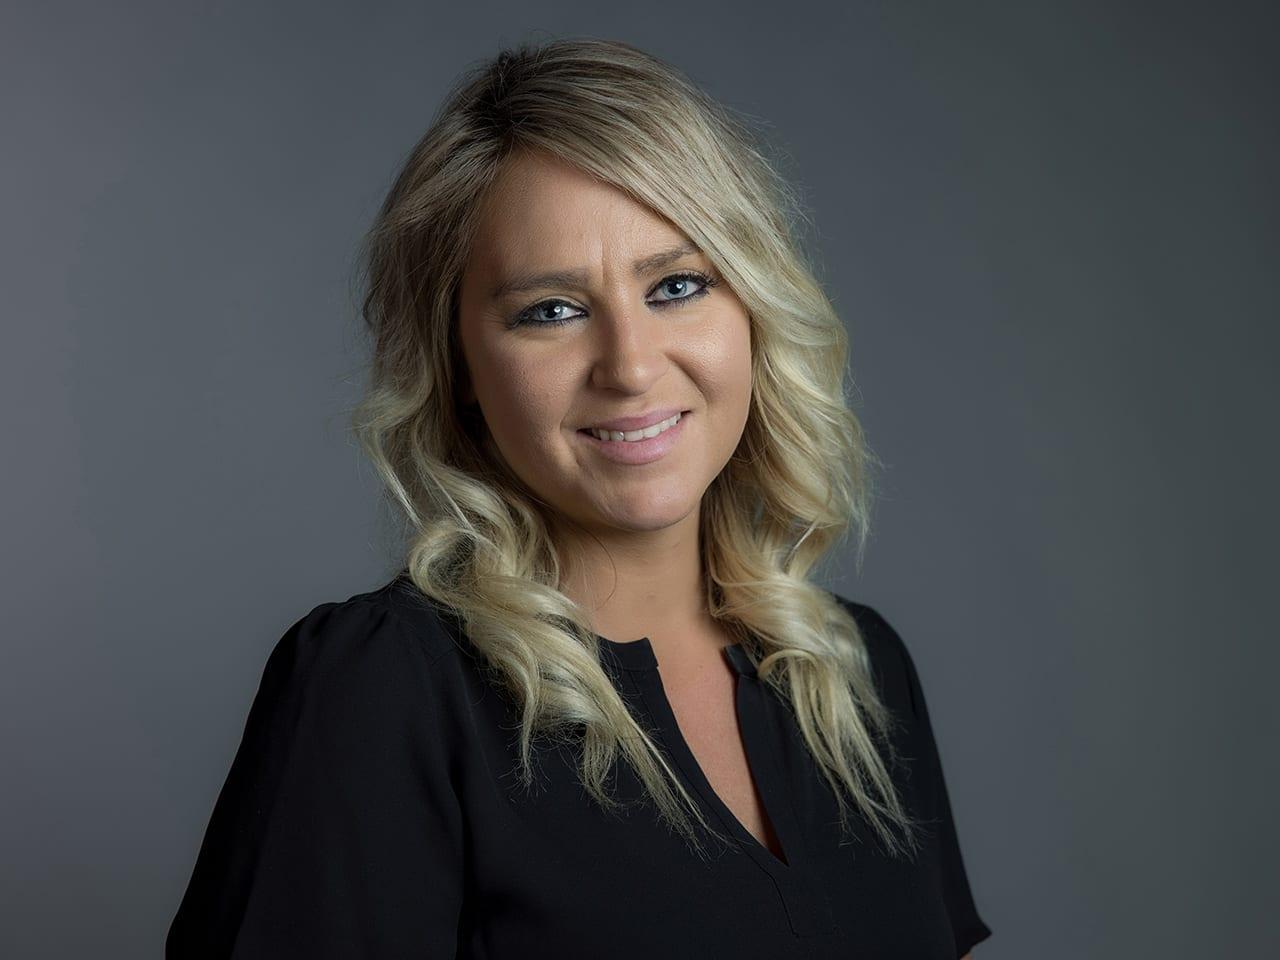 Nikki Venechuk